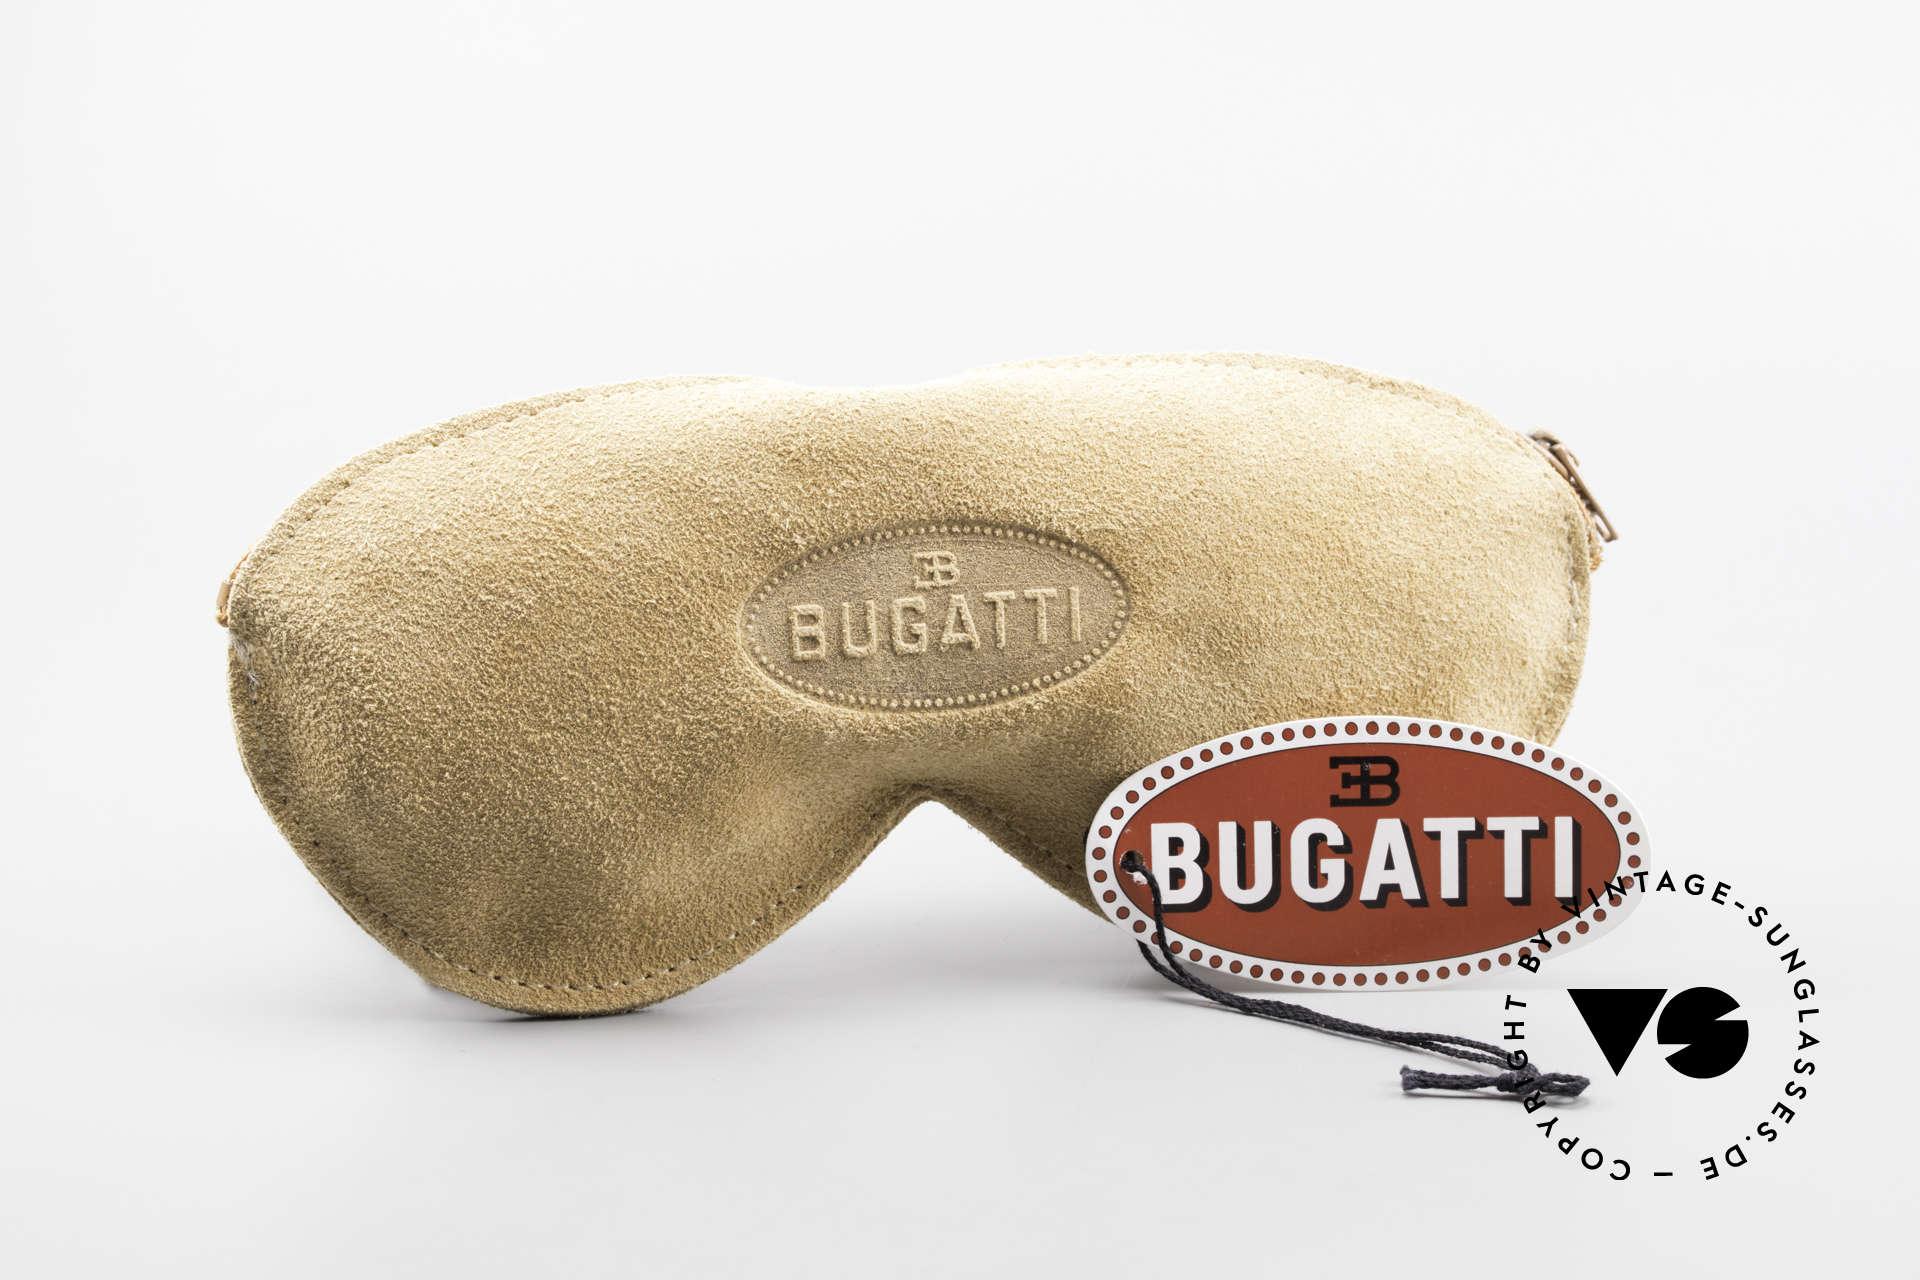 Bugatti 02926 80er Large Sonnenbrille Herren, Größe: large, Passend für Herren